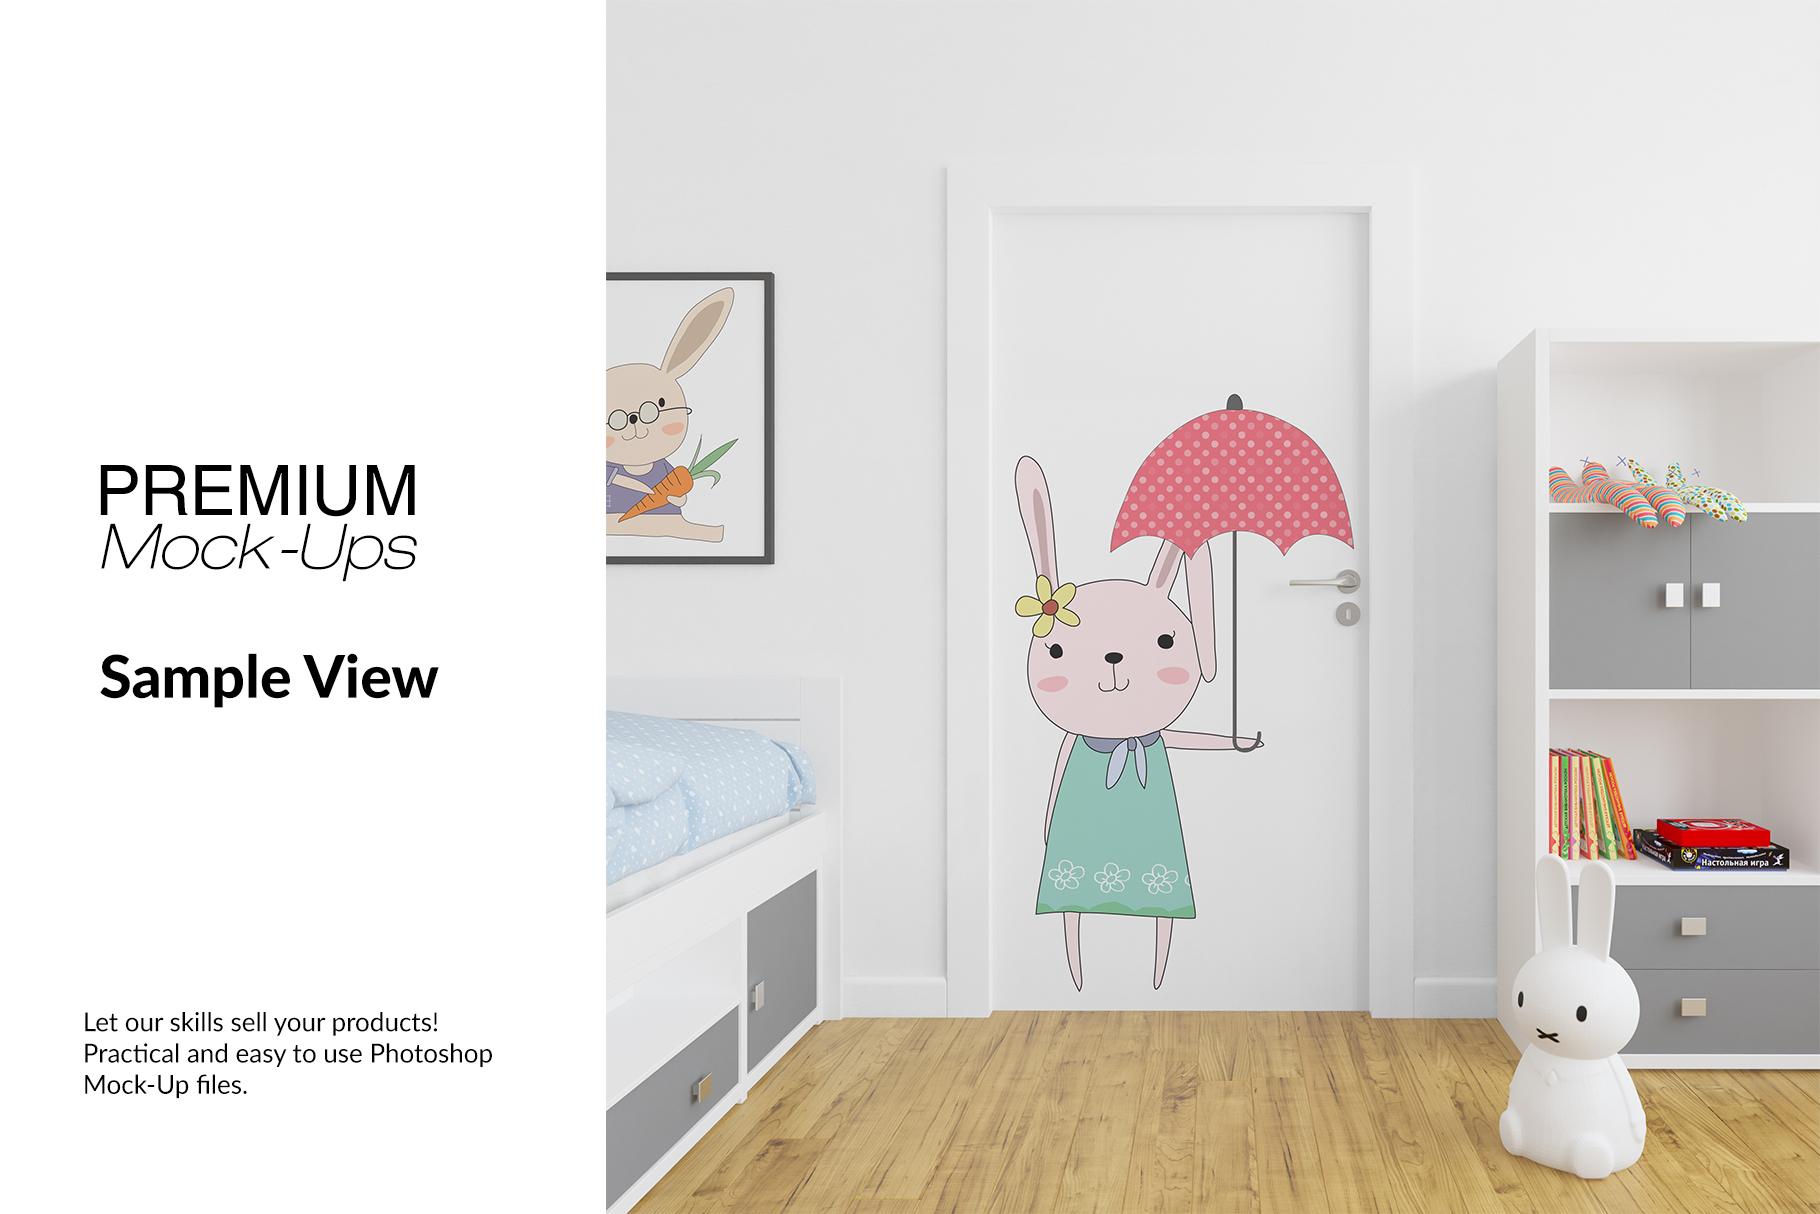 Door Murals in Nursery Set example image 11